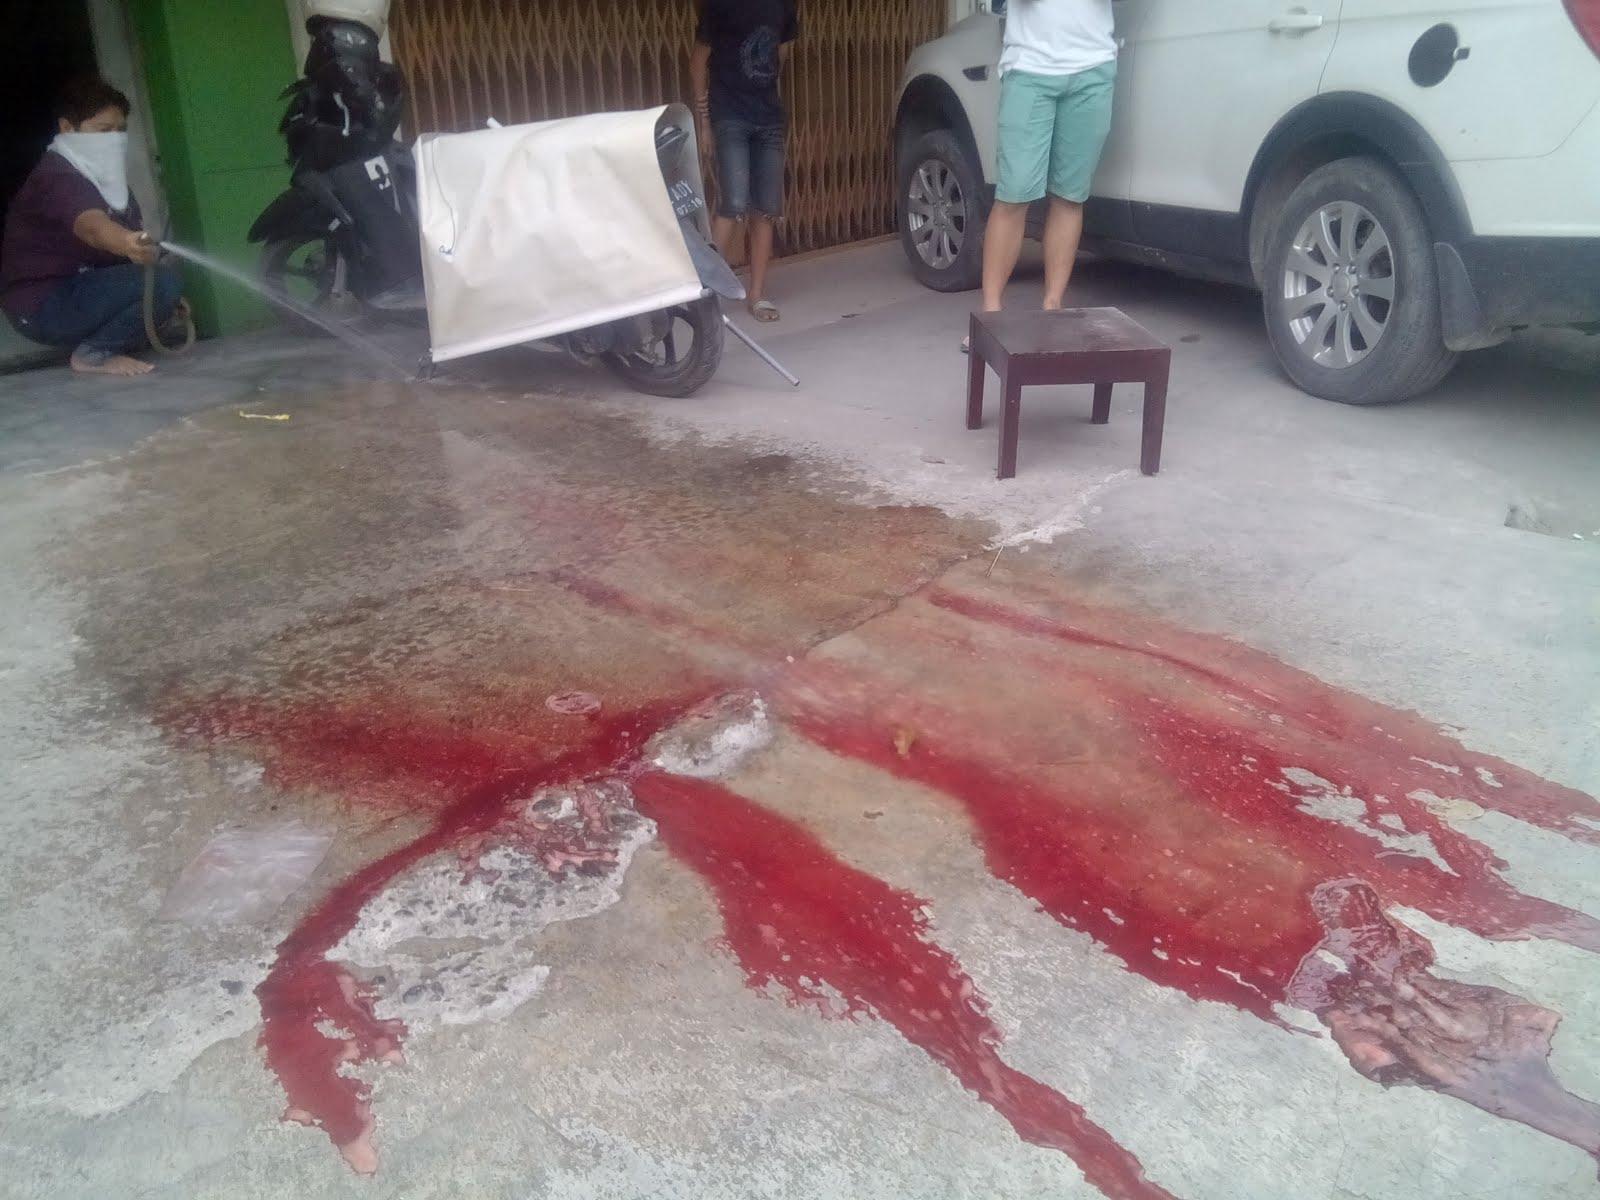 foto-darah-bekas-jatuhnya-bocah-4-tahun